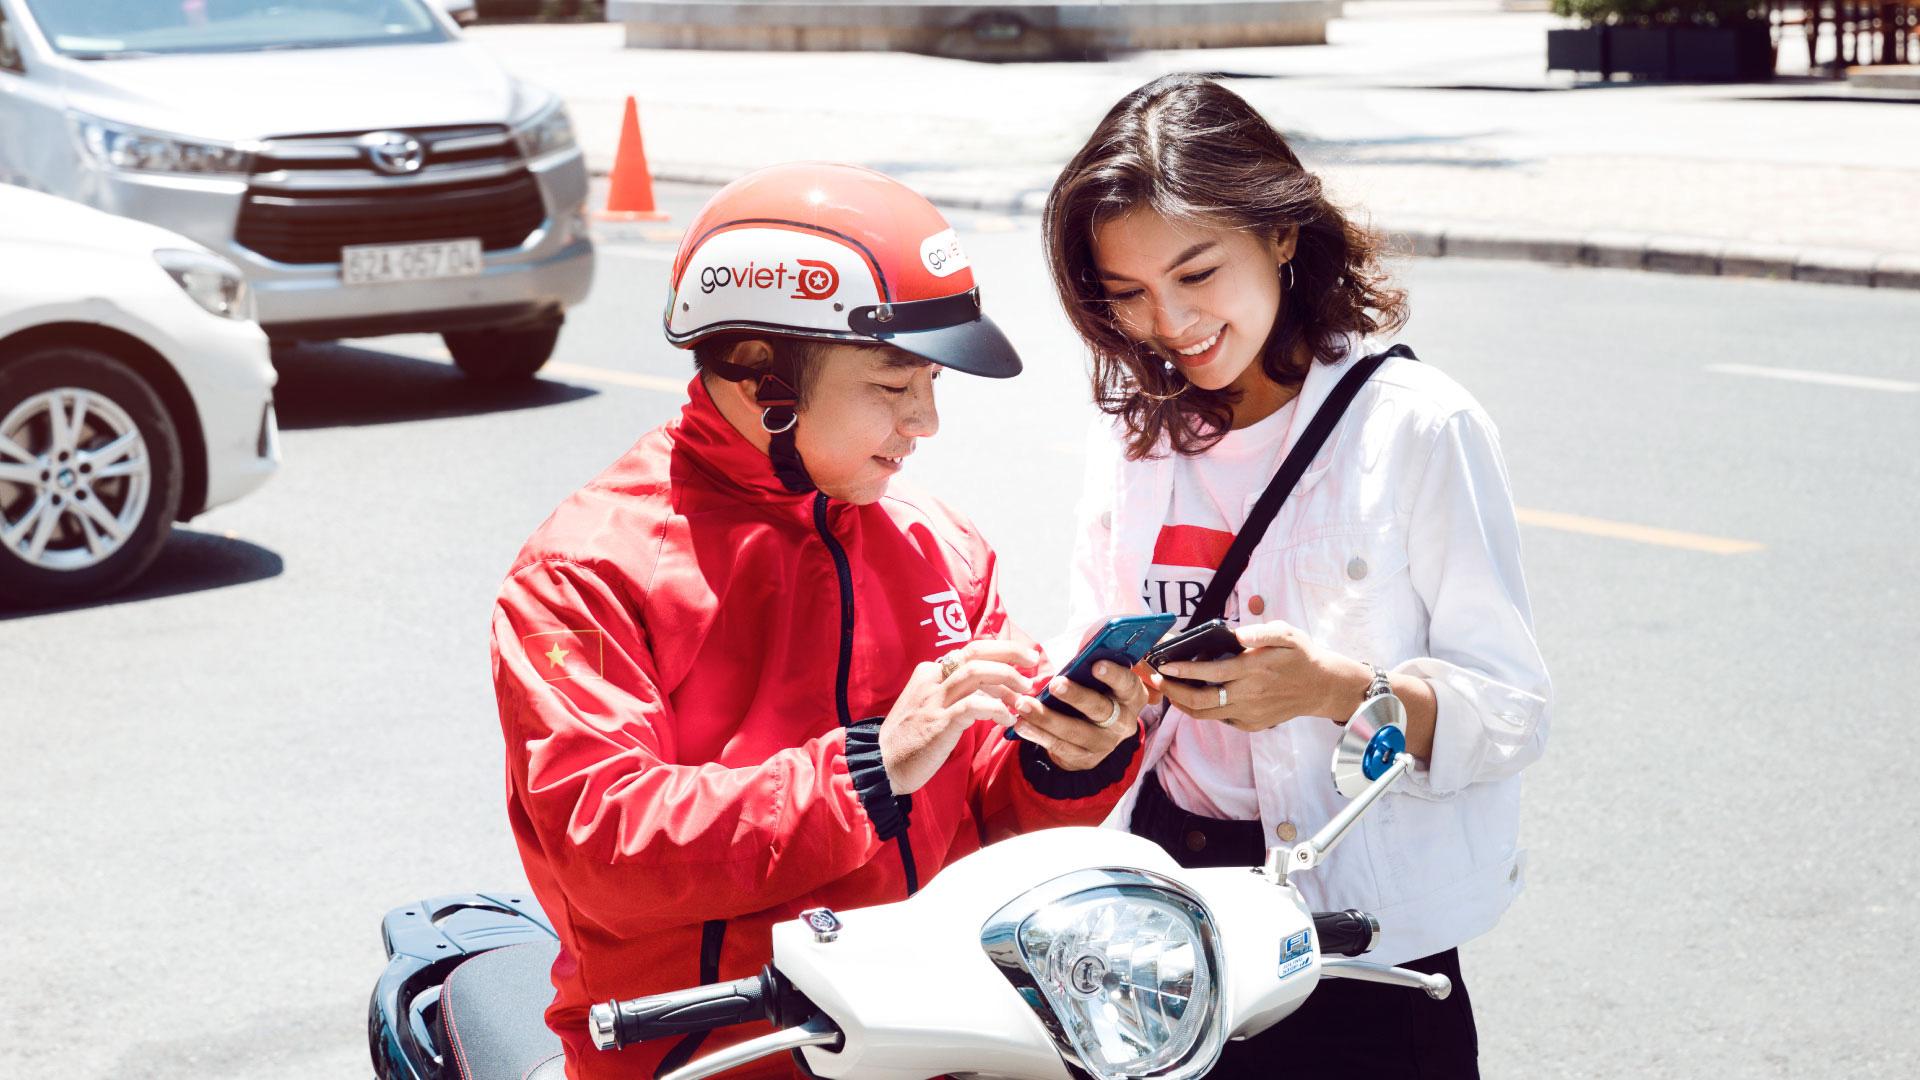 Toàn bộ dịch vụ gọi xe 2 bánh (bike) tại Hà Nội đều tạm dừng cho đến khi có thông báo mới - Ảnh 2.